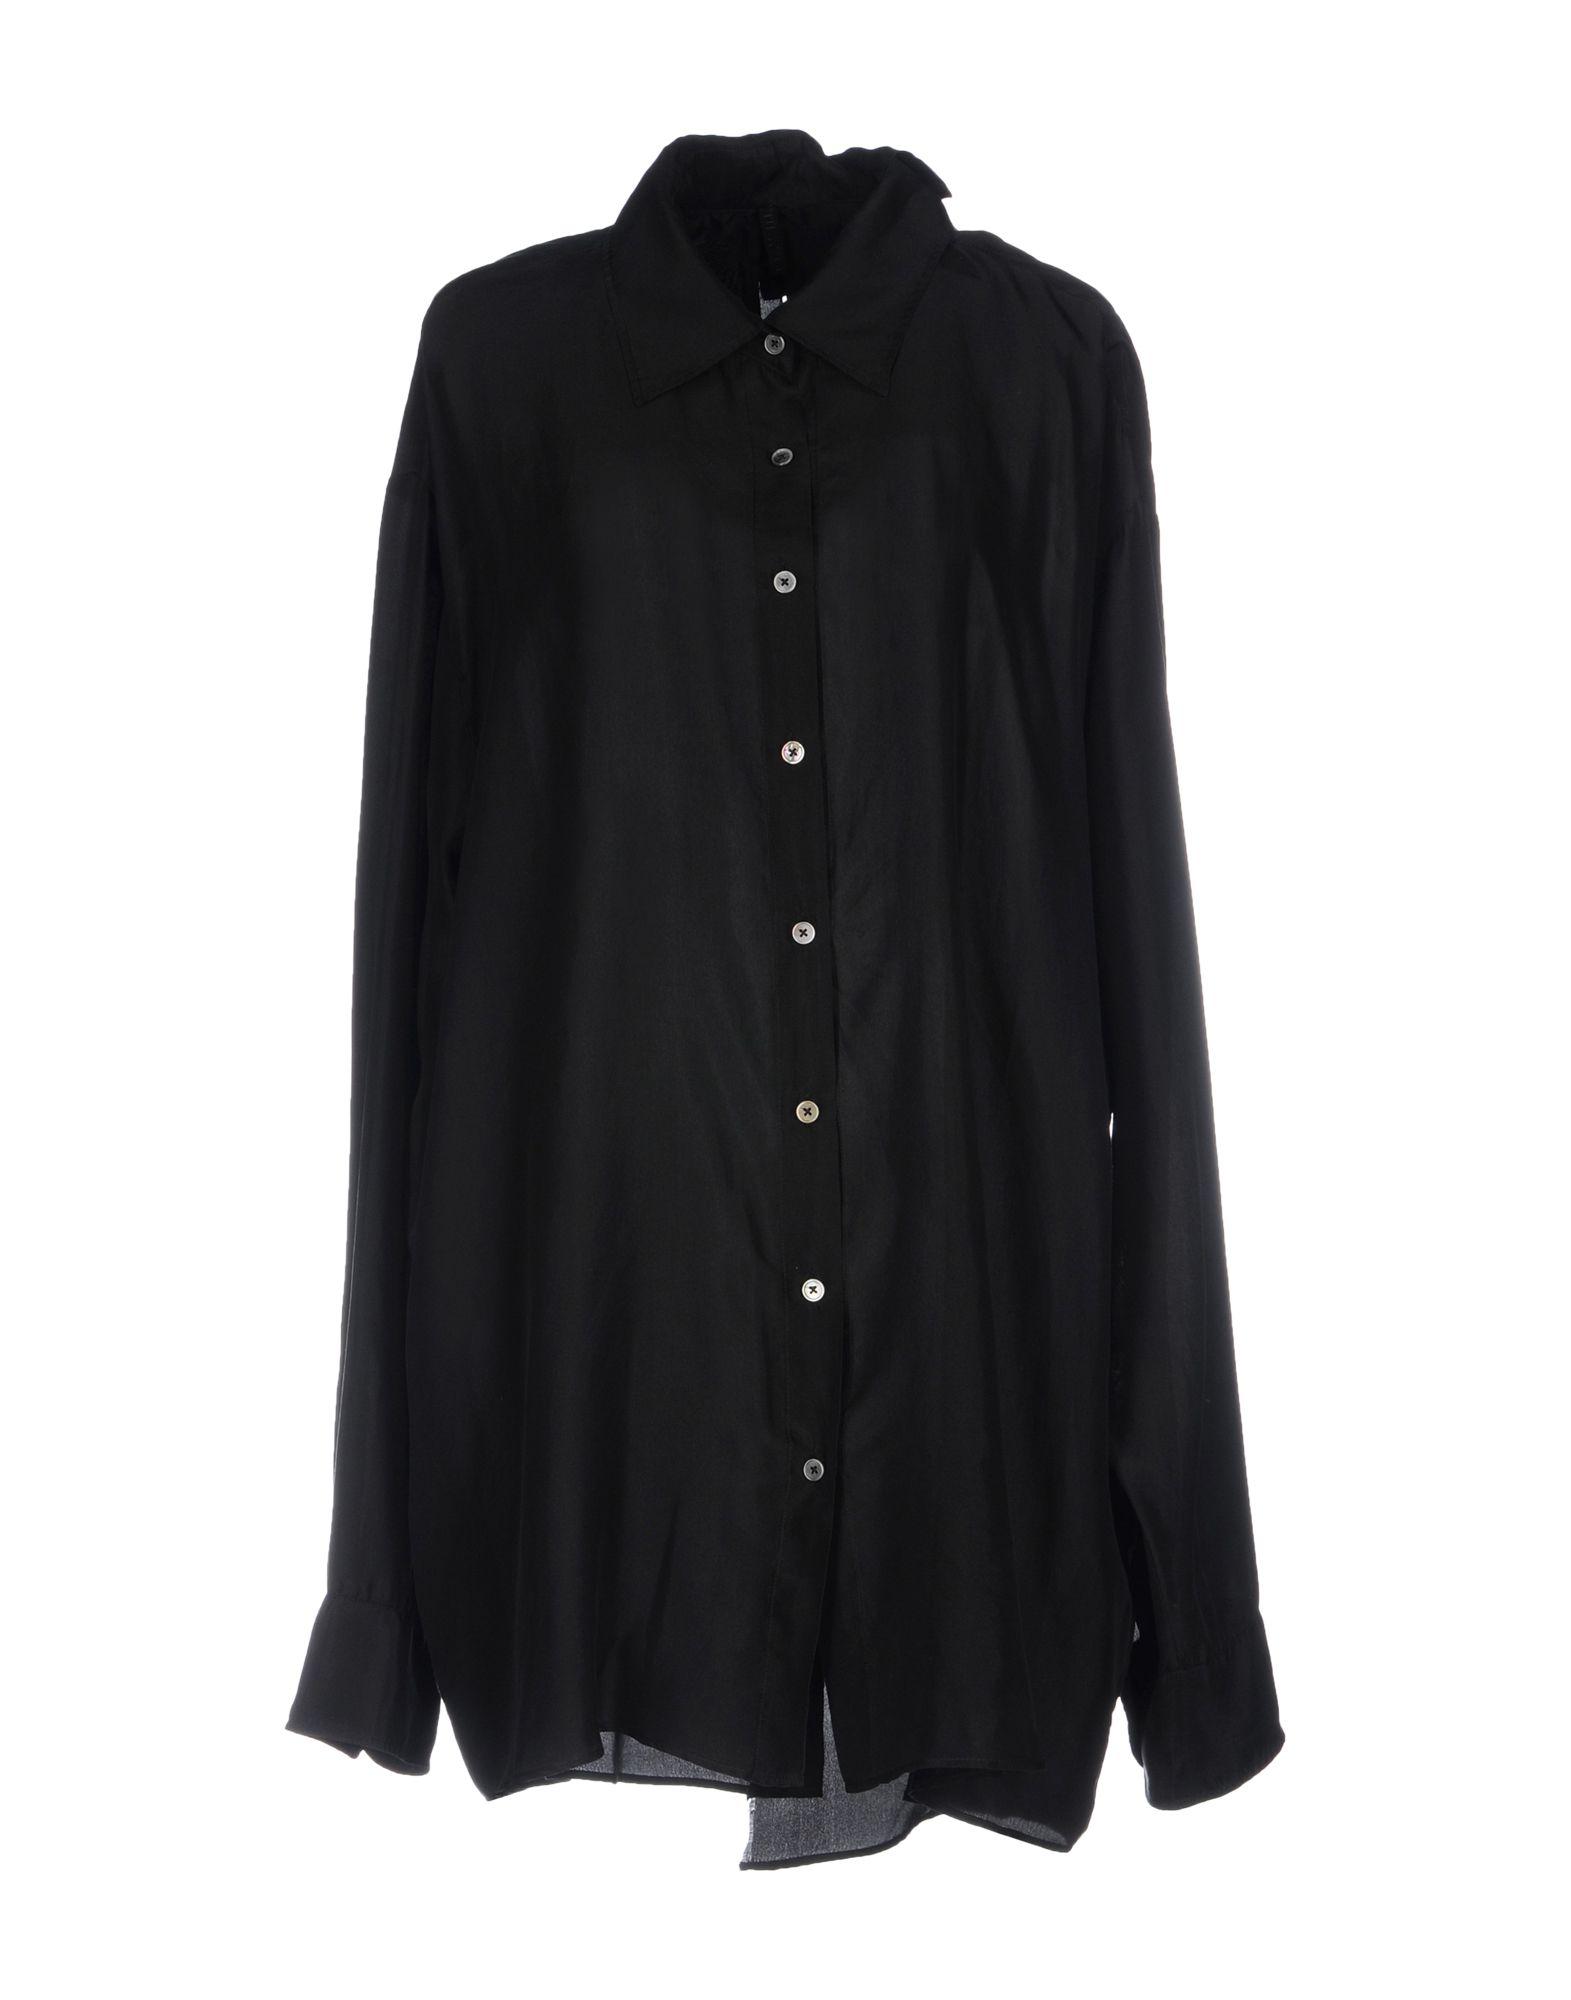 Camicie E Bluse In Seta Ben Taverniti™ Unravel Project Donna - Acquista online su Jbbippc